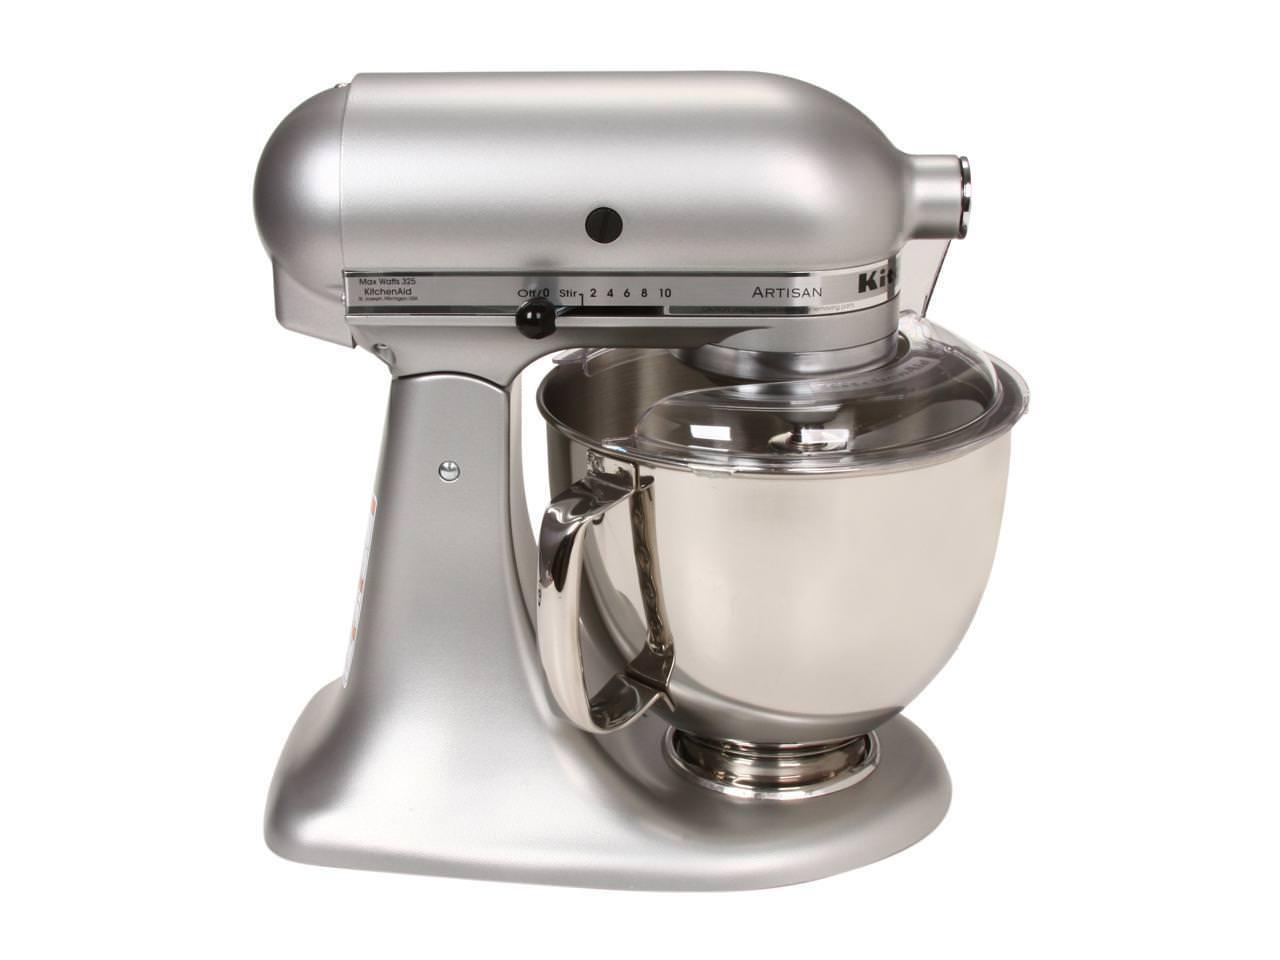 Kitchenaid 5 Quart Artisan Stand Mixer Silver Metallic